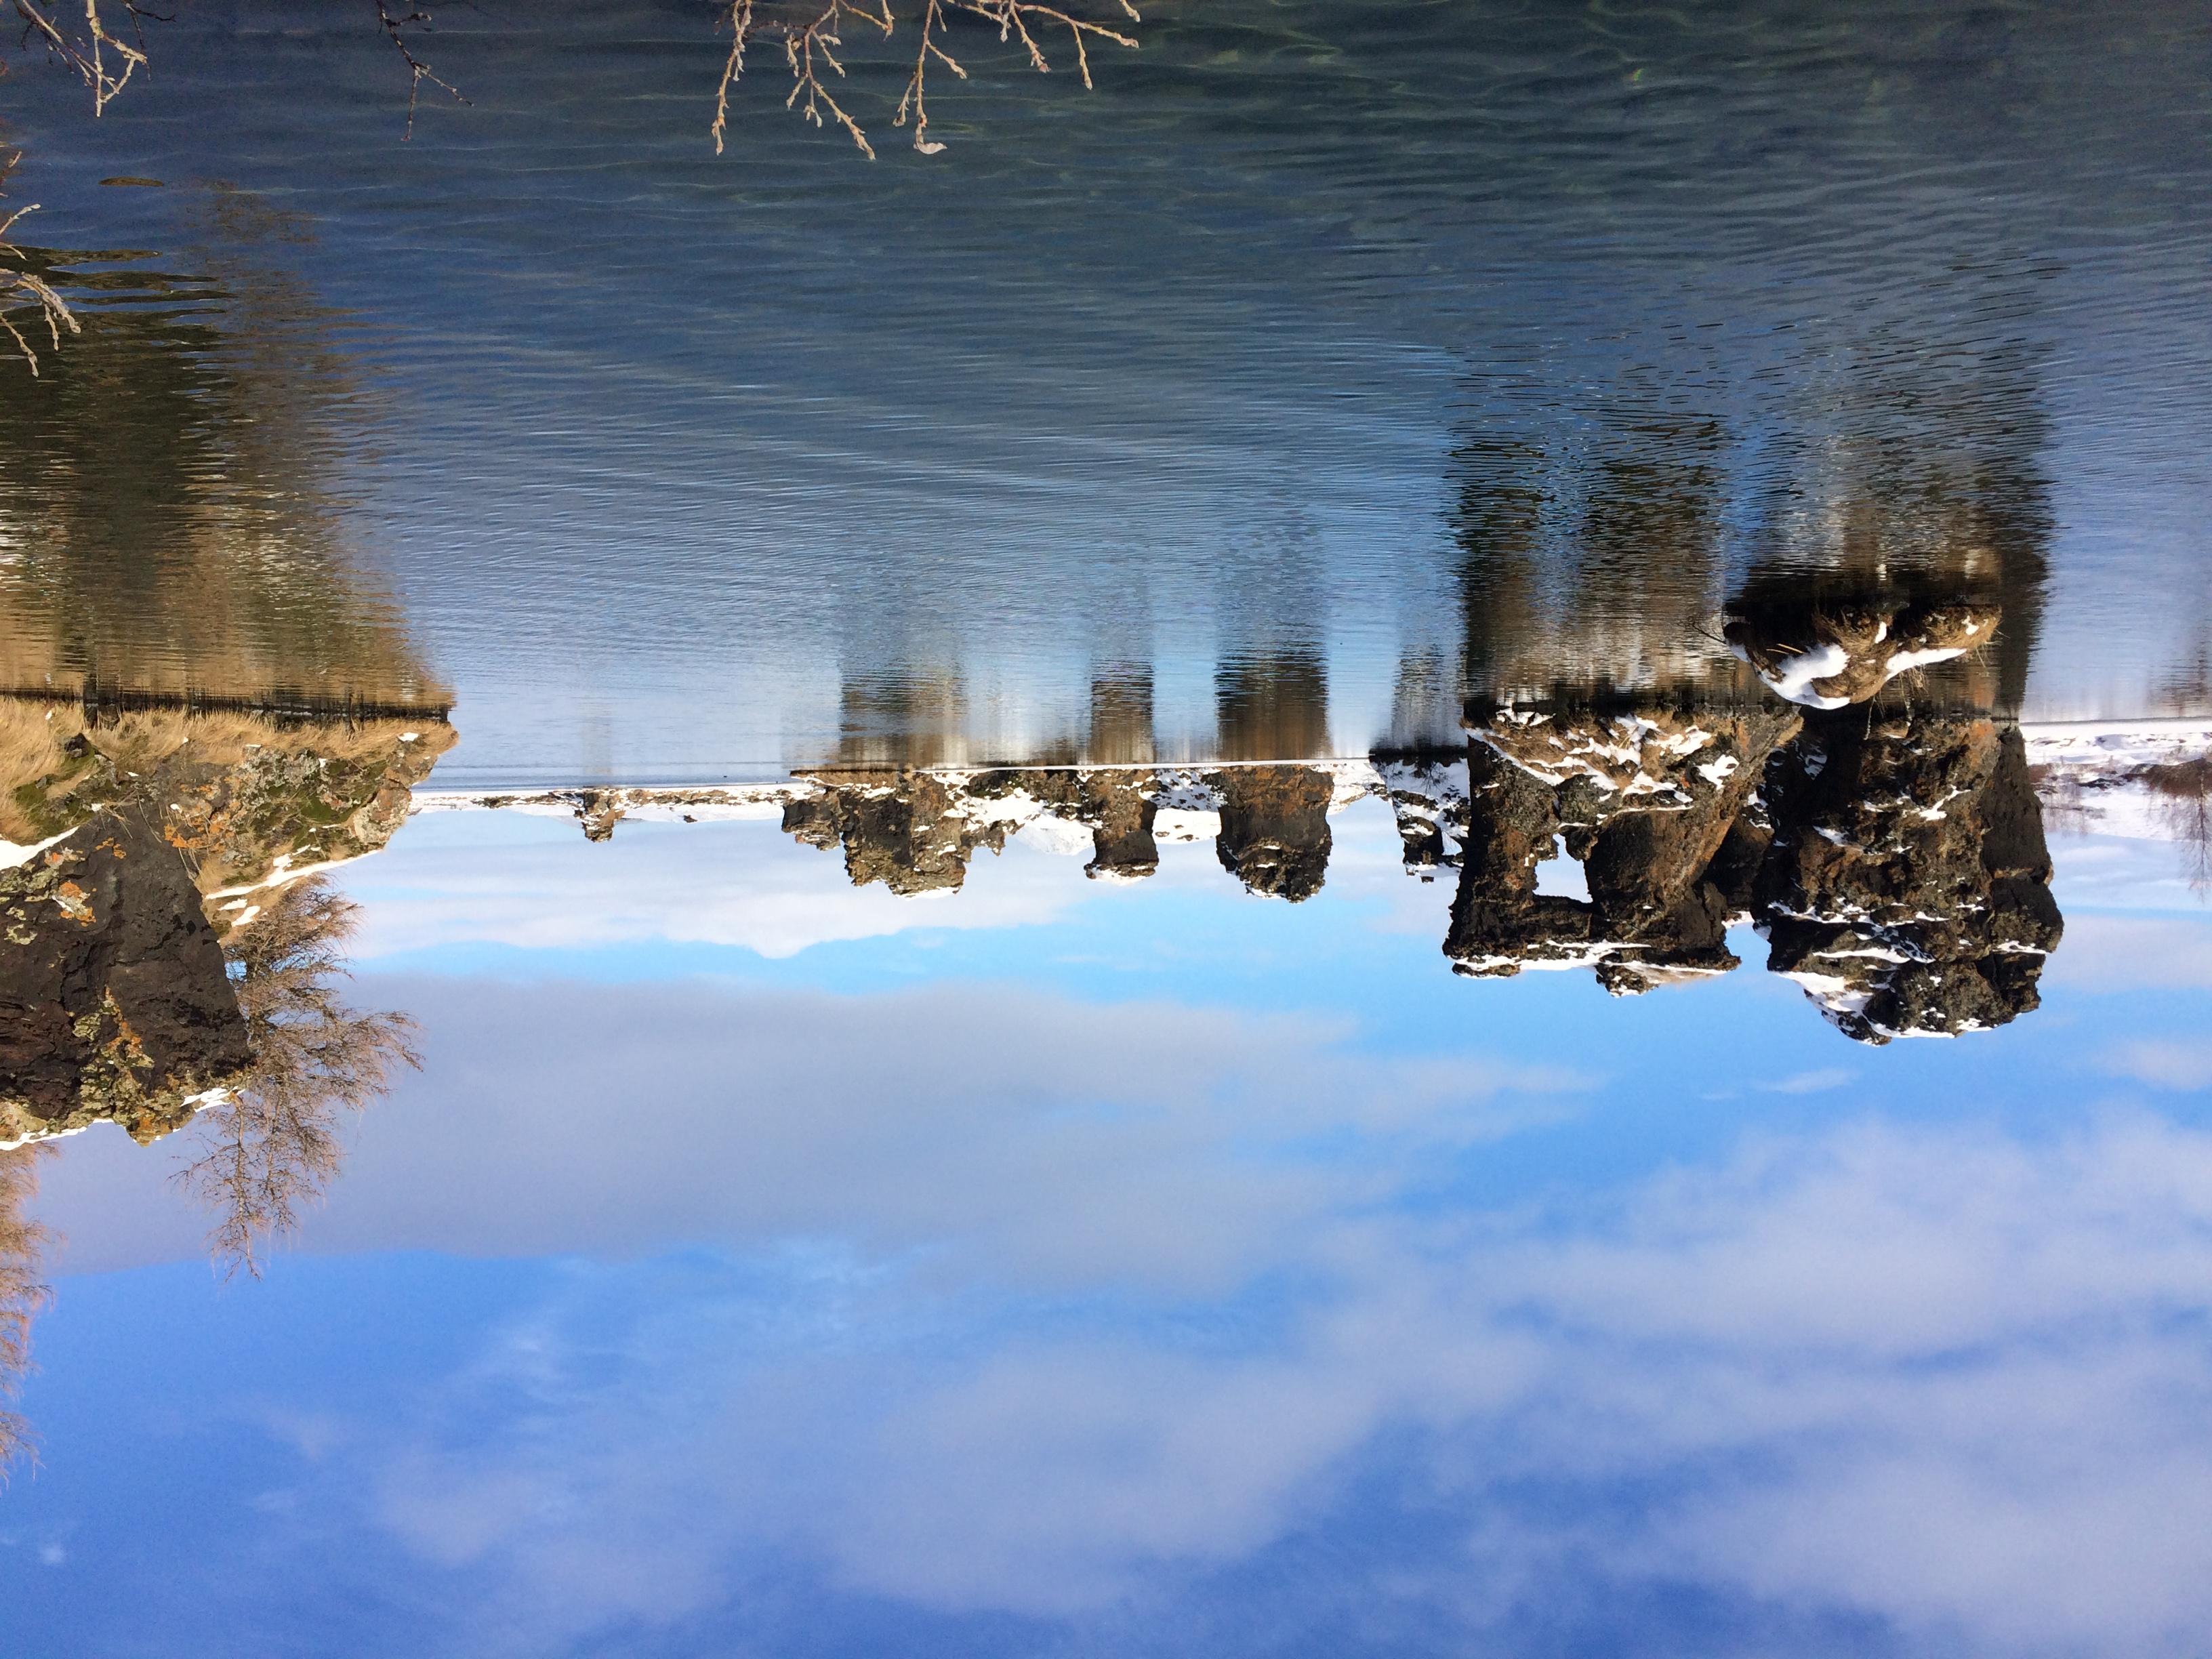 Der See Ist Ziemlich Flach Und Das Wasser Sah Im Sonnenlicht Beinahe Warm  Und Einladend Aus   Reinfallen Sollte Man Aber Dennoch Nicht.